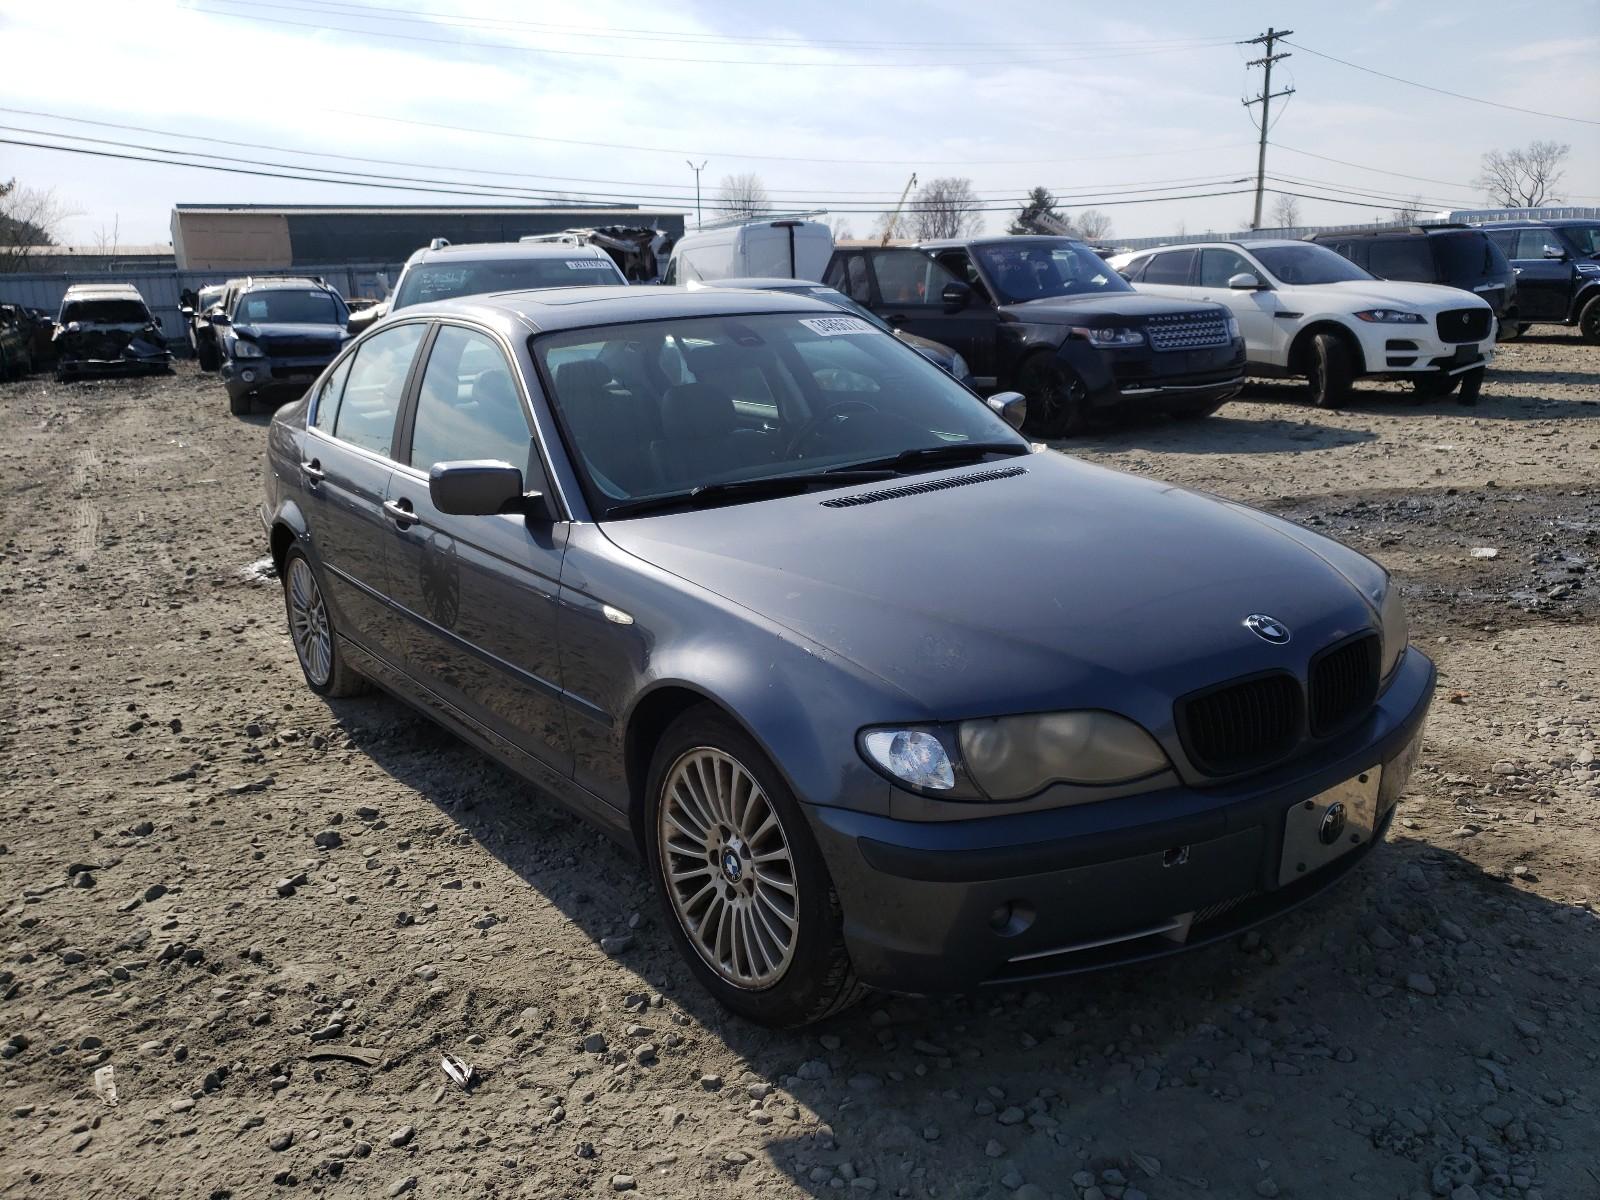 2003 BMW 330 XI - WBAEW53443PG21379